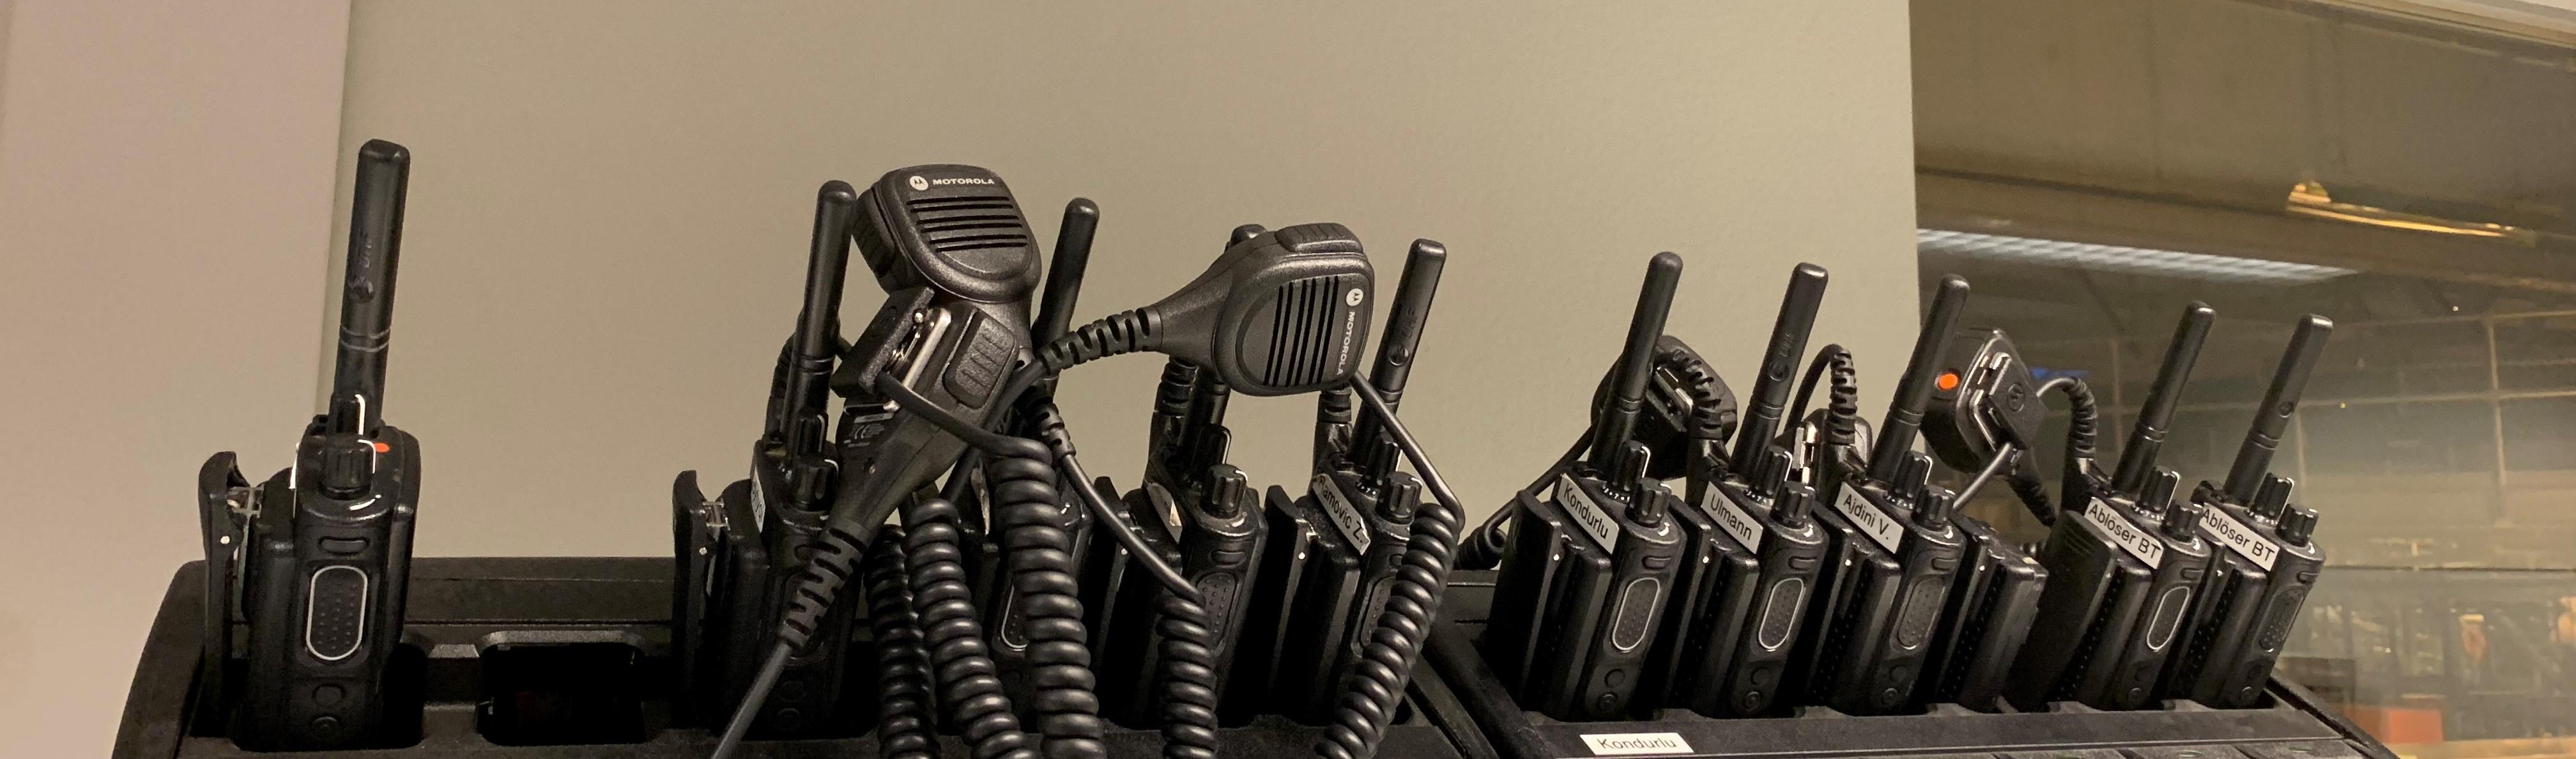 Wichtiges Utensil nebst Werkzeug für die Anlage: Per Funk verständigen sich die Betriebstechniker über Fortlauf der Reparatur, Unterstützung oder benötigte Ersatzteile aus dem Ersatzteillager.